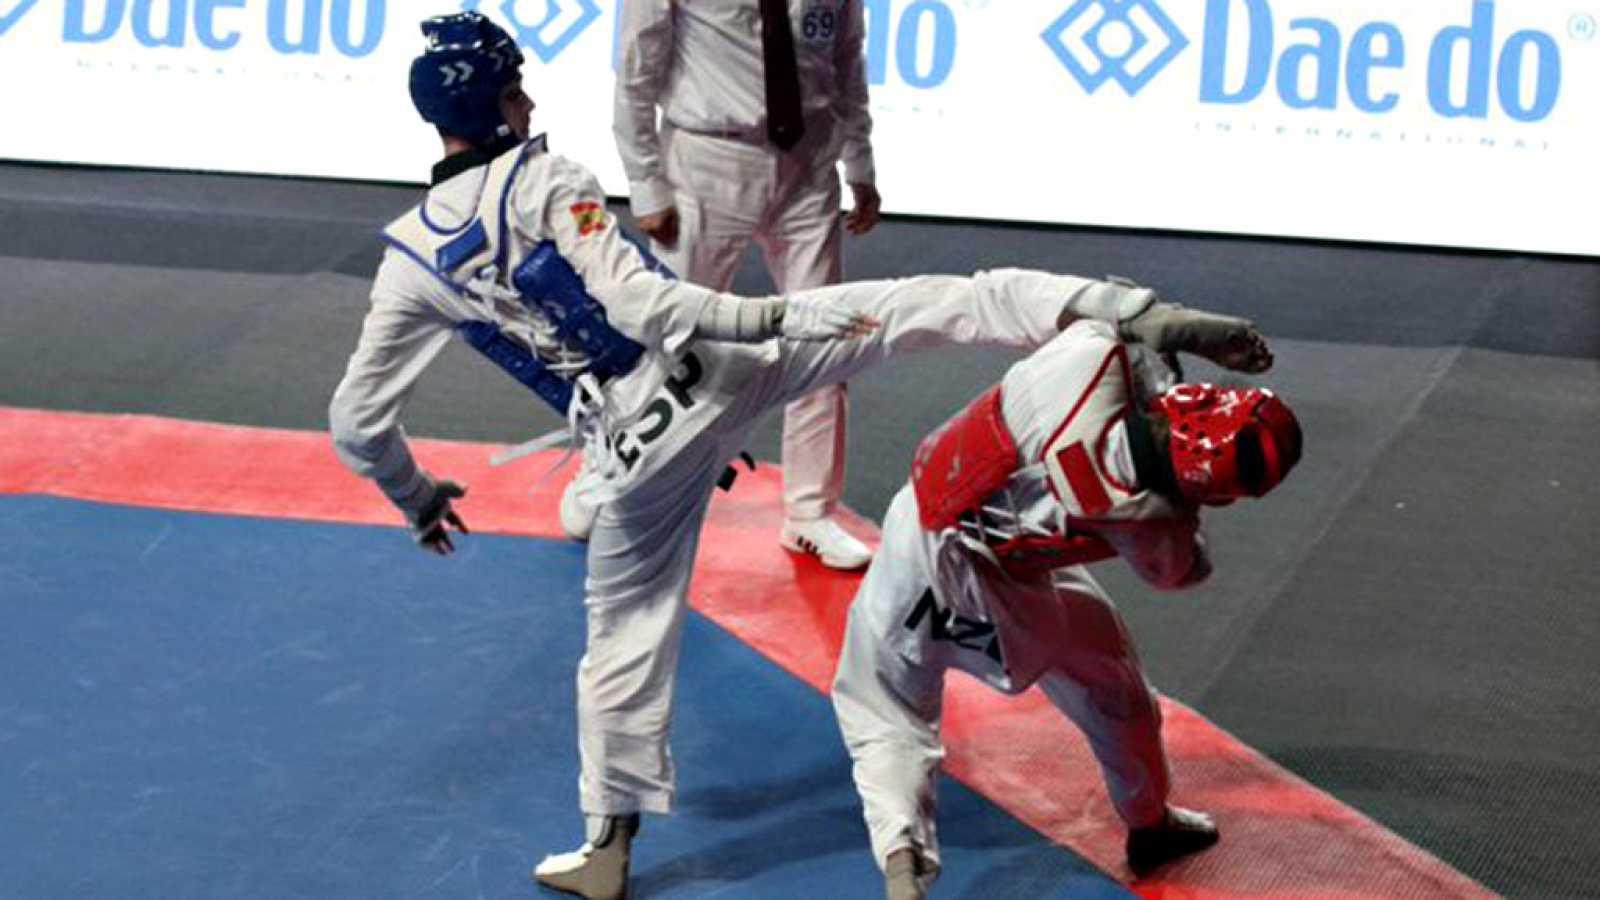 El español Javier Pérez Polo luchará este viernes por la medalla de oro en la categoría masculina de hasta 68 kilos de los Campeonatos del Mundo de taekwondo, que se disputan en la ciudad británica de Manchester.